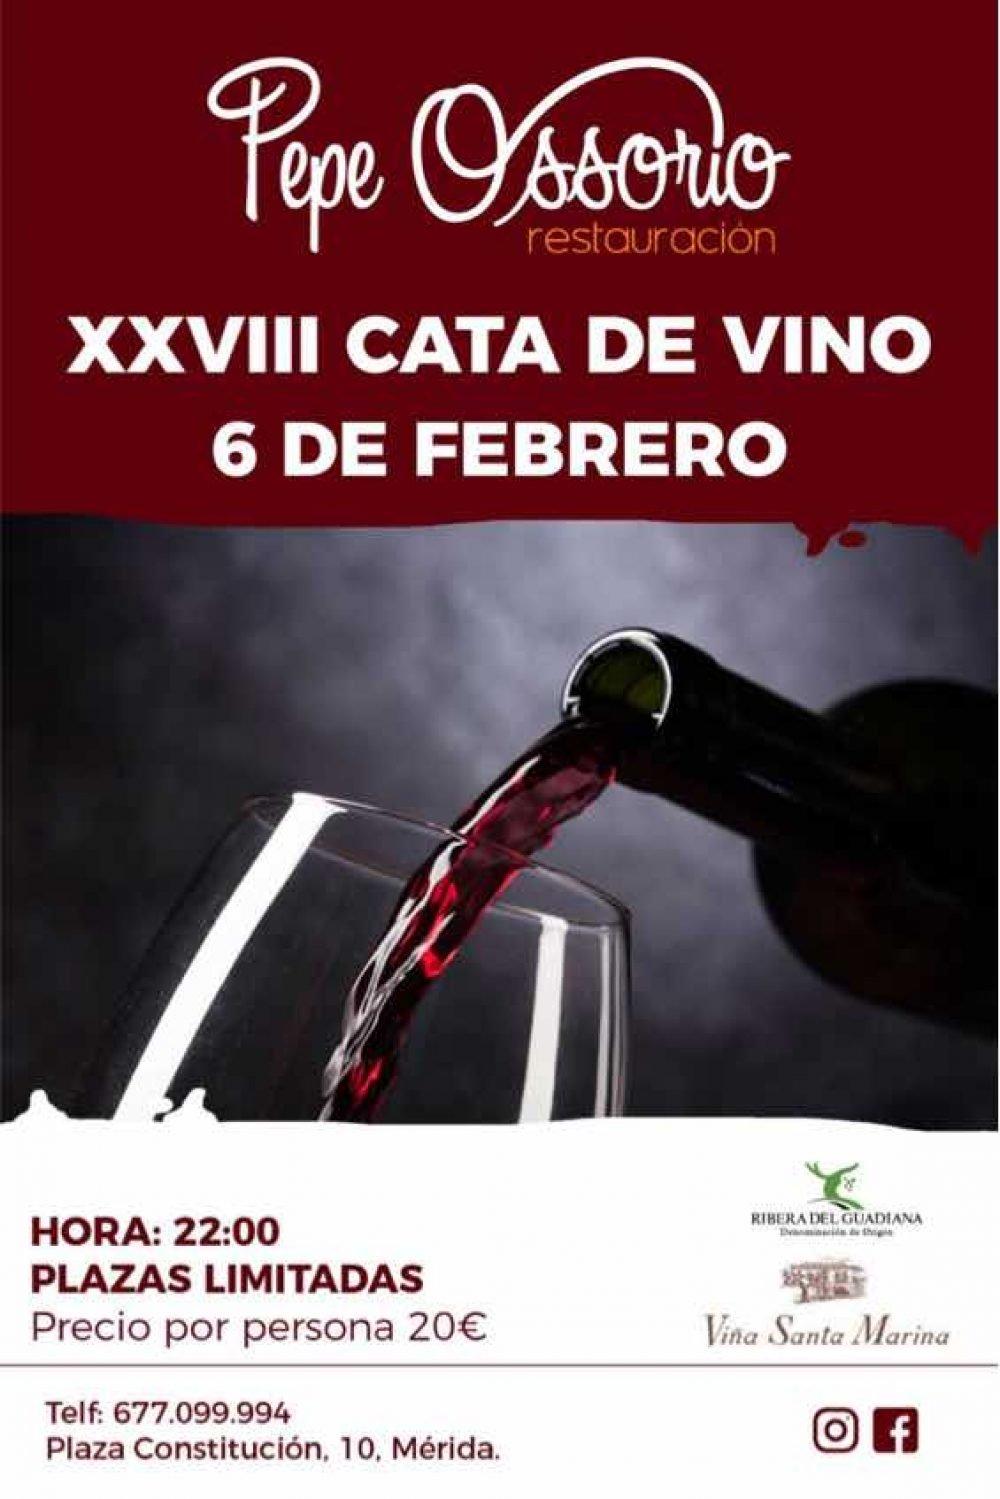 XXVIII CATA DE VINOS